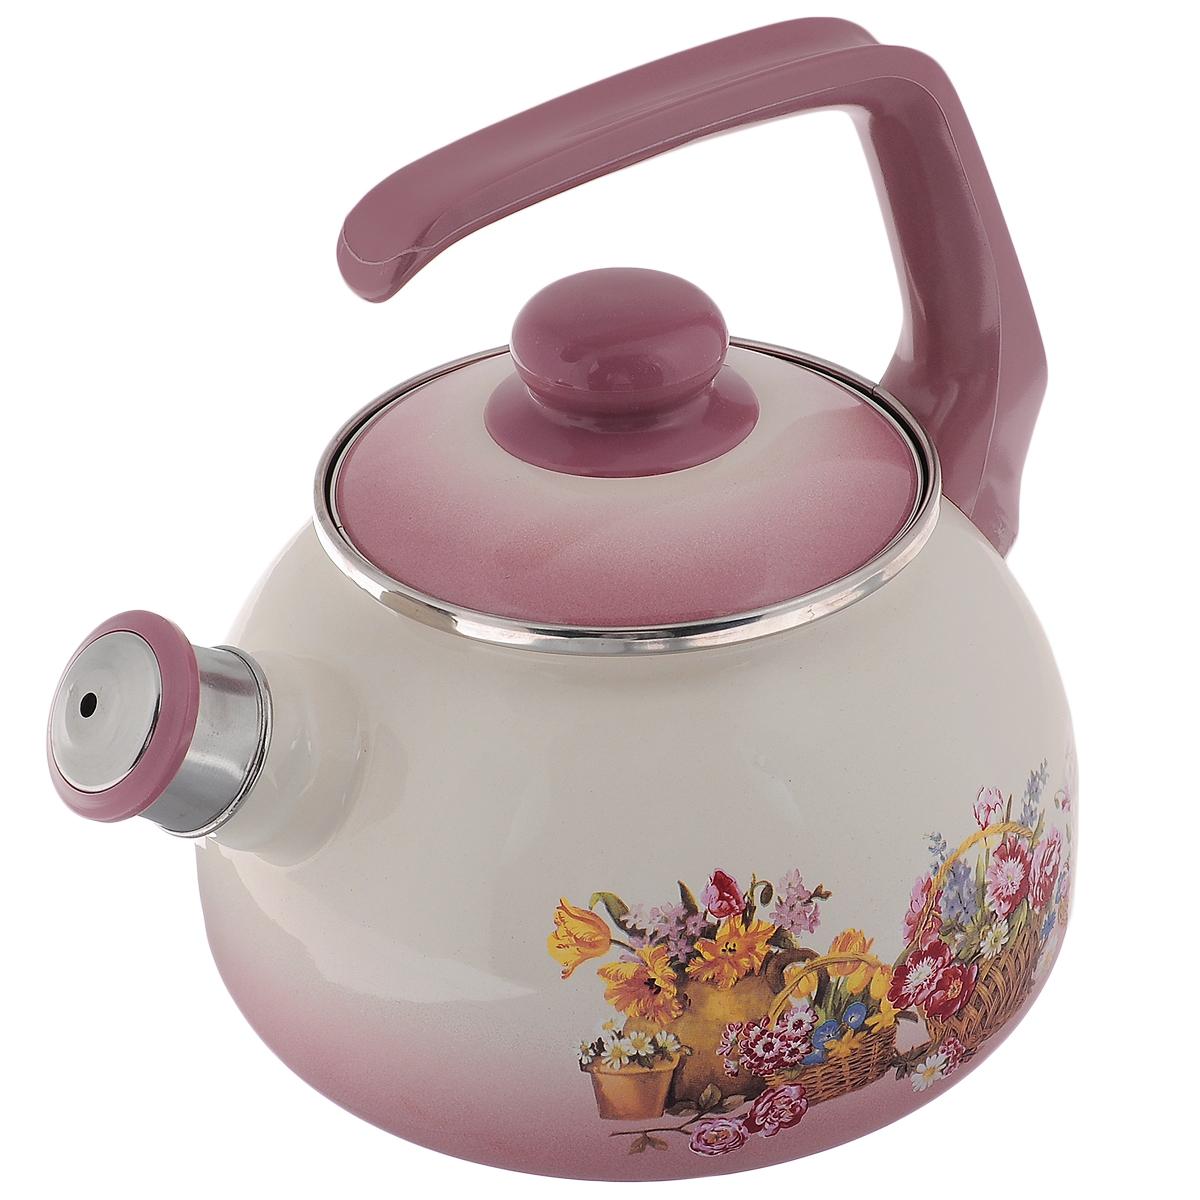 """Чайник Metrot """"Краски лета"""" выполнен из высококачественной стали, что обеспечивает долговечность использования. Внешнее цветное эмалевое покрытие придает приятный внешний вид. Бакелитовая фиксированная ручка делает использование чайника очень удобным и безопасным. Чайник снабжен съемным свистком.  Можно мыть в посудомоечной машине. Пригоден для всех видов плит, включая индукционные.  Высота чайника (без учета крышки и ручки): 13 см. Диаметр (по верхнему краю): 13 см."""